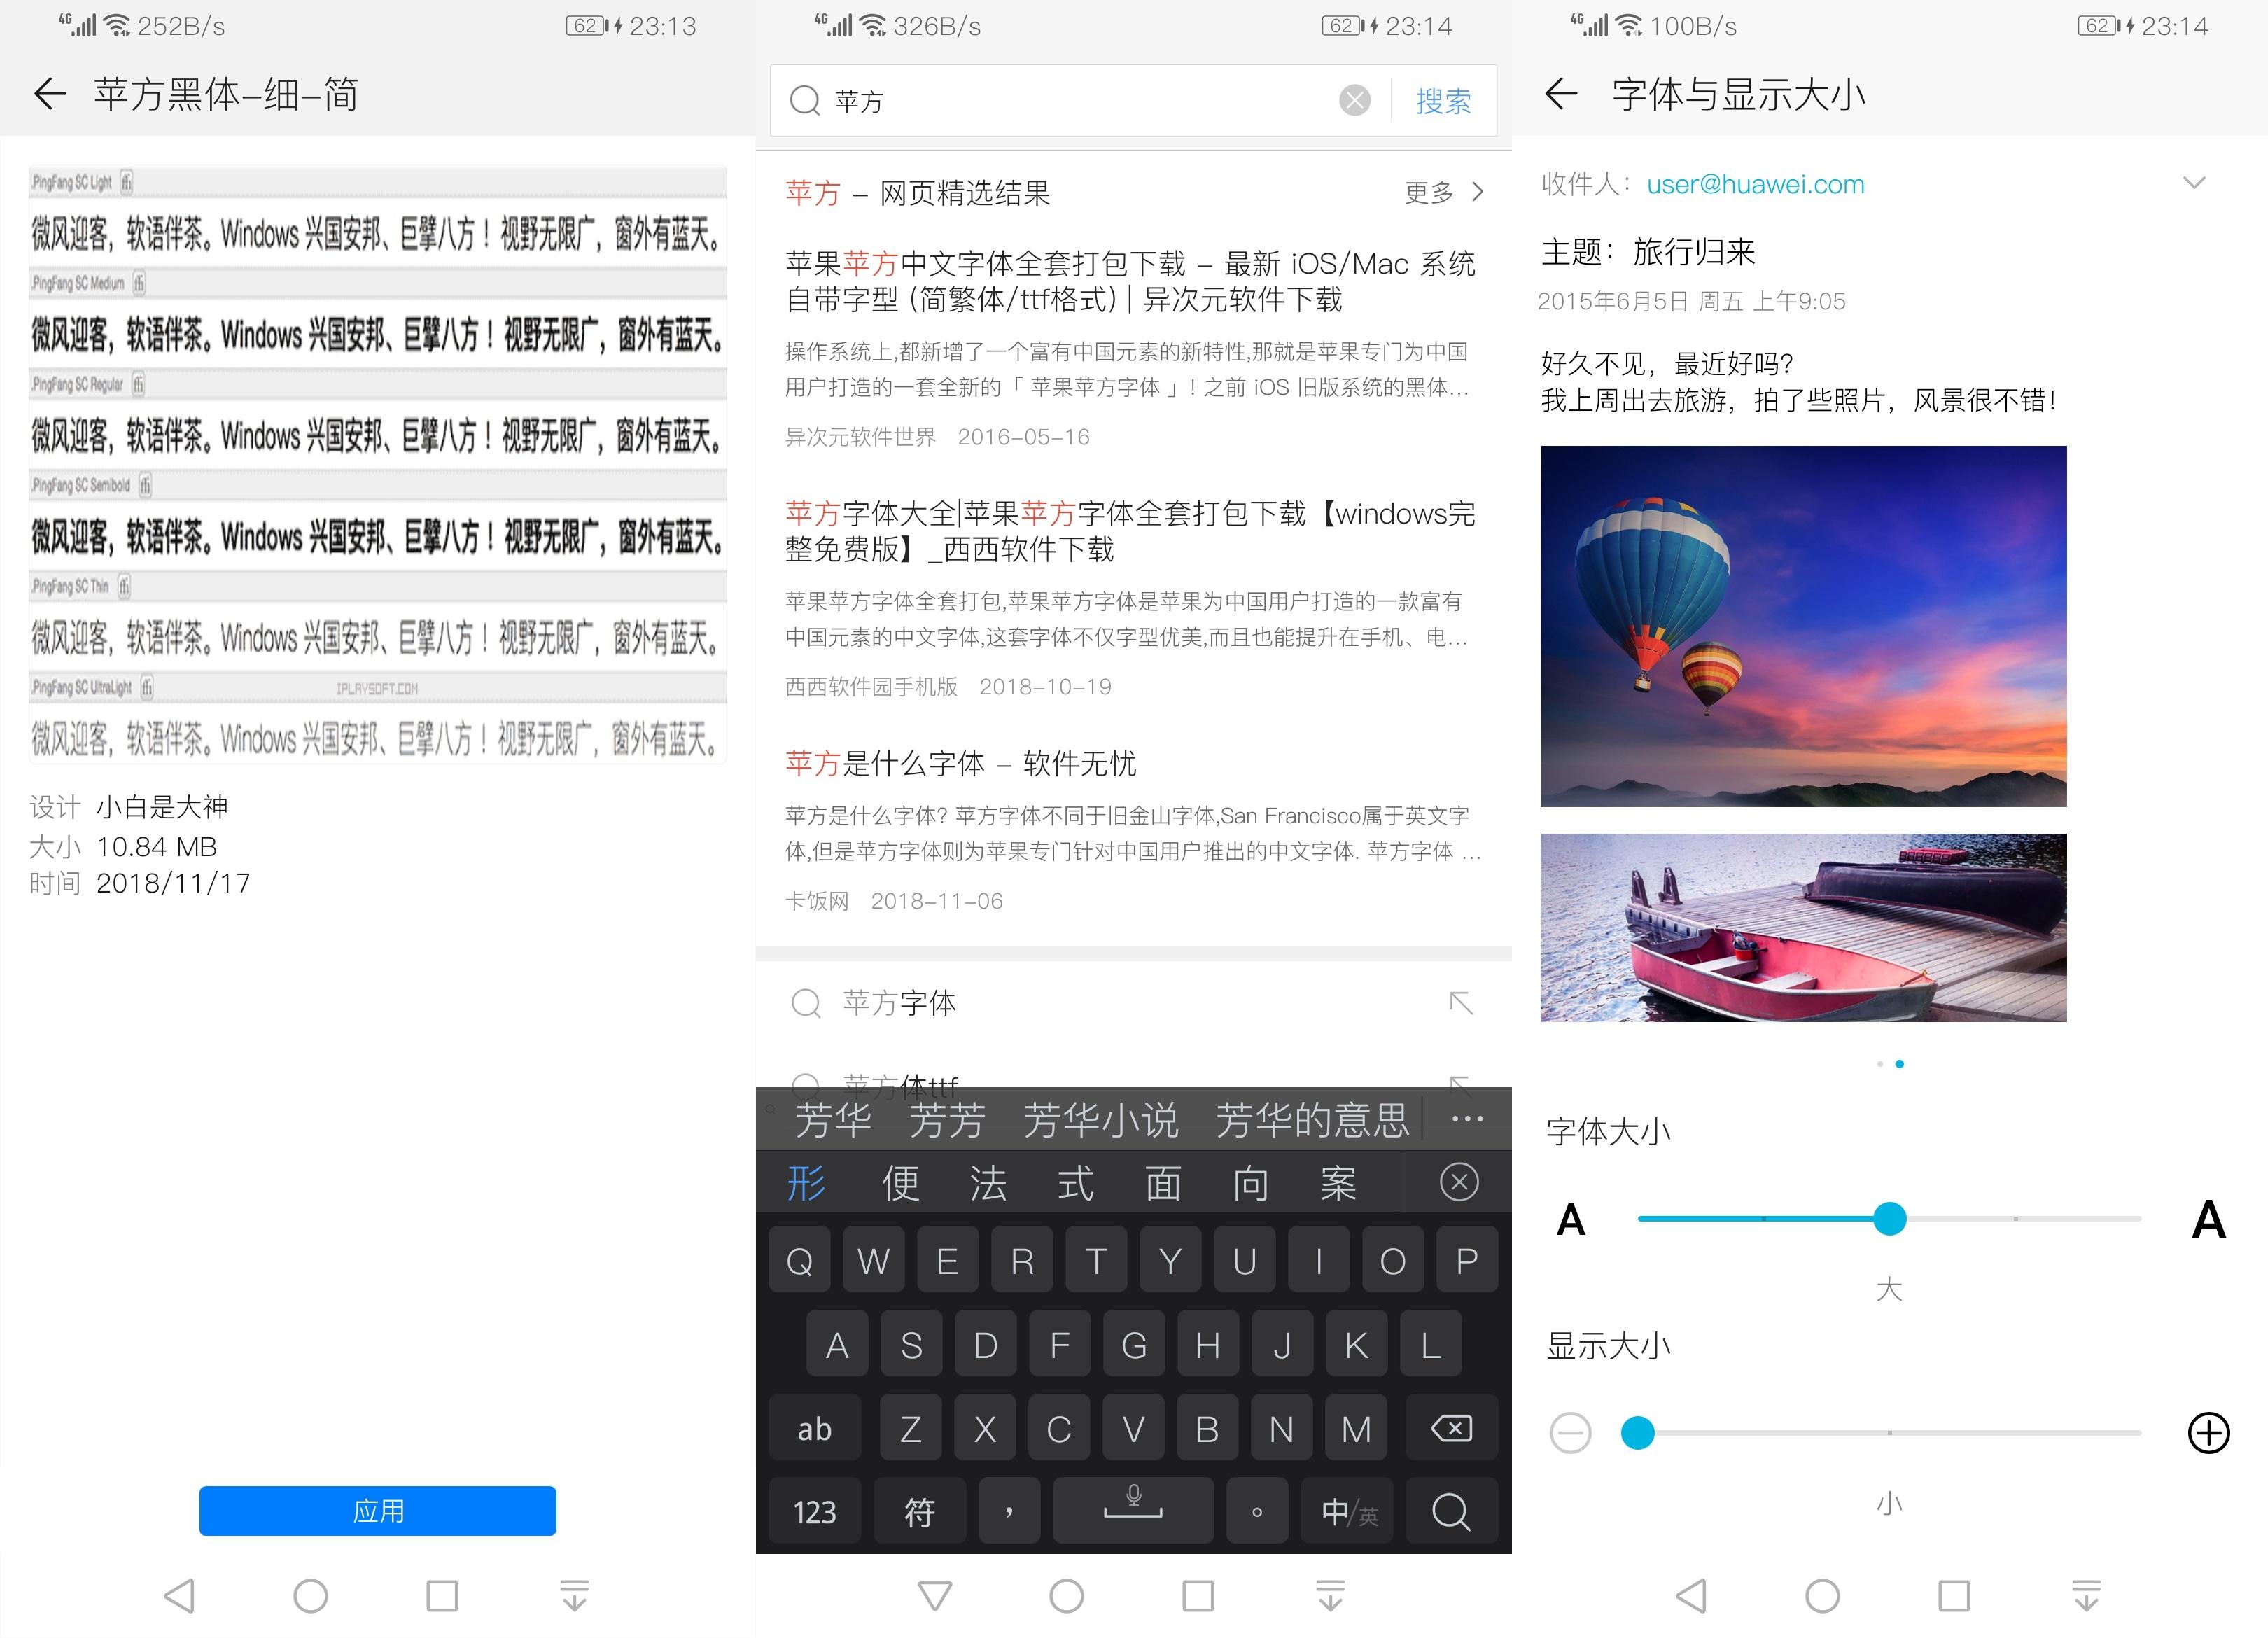 Screenshot_20181117_231337_com.huawei.android.the.jpg